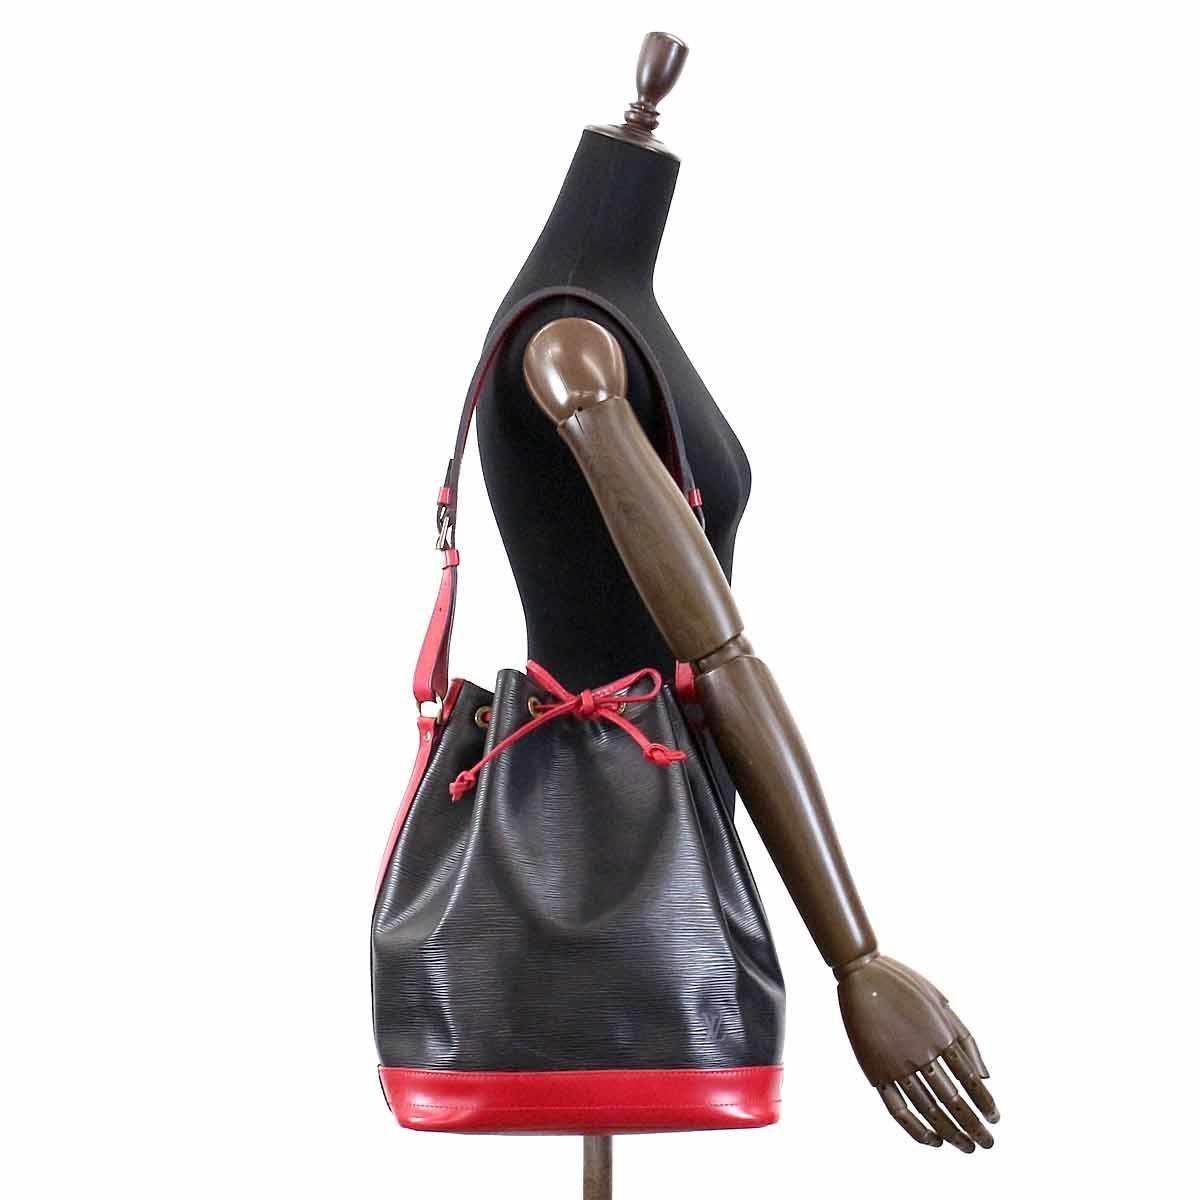 cbd786e23757 Lyst - Louis Vuitton Epi Leather Noe Shoulder Bag Red Black M44017 ...